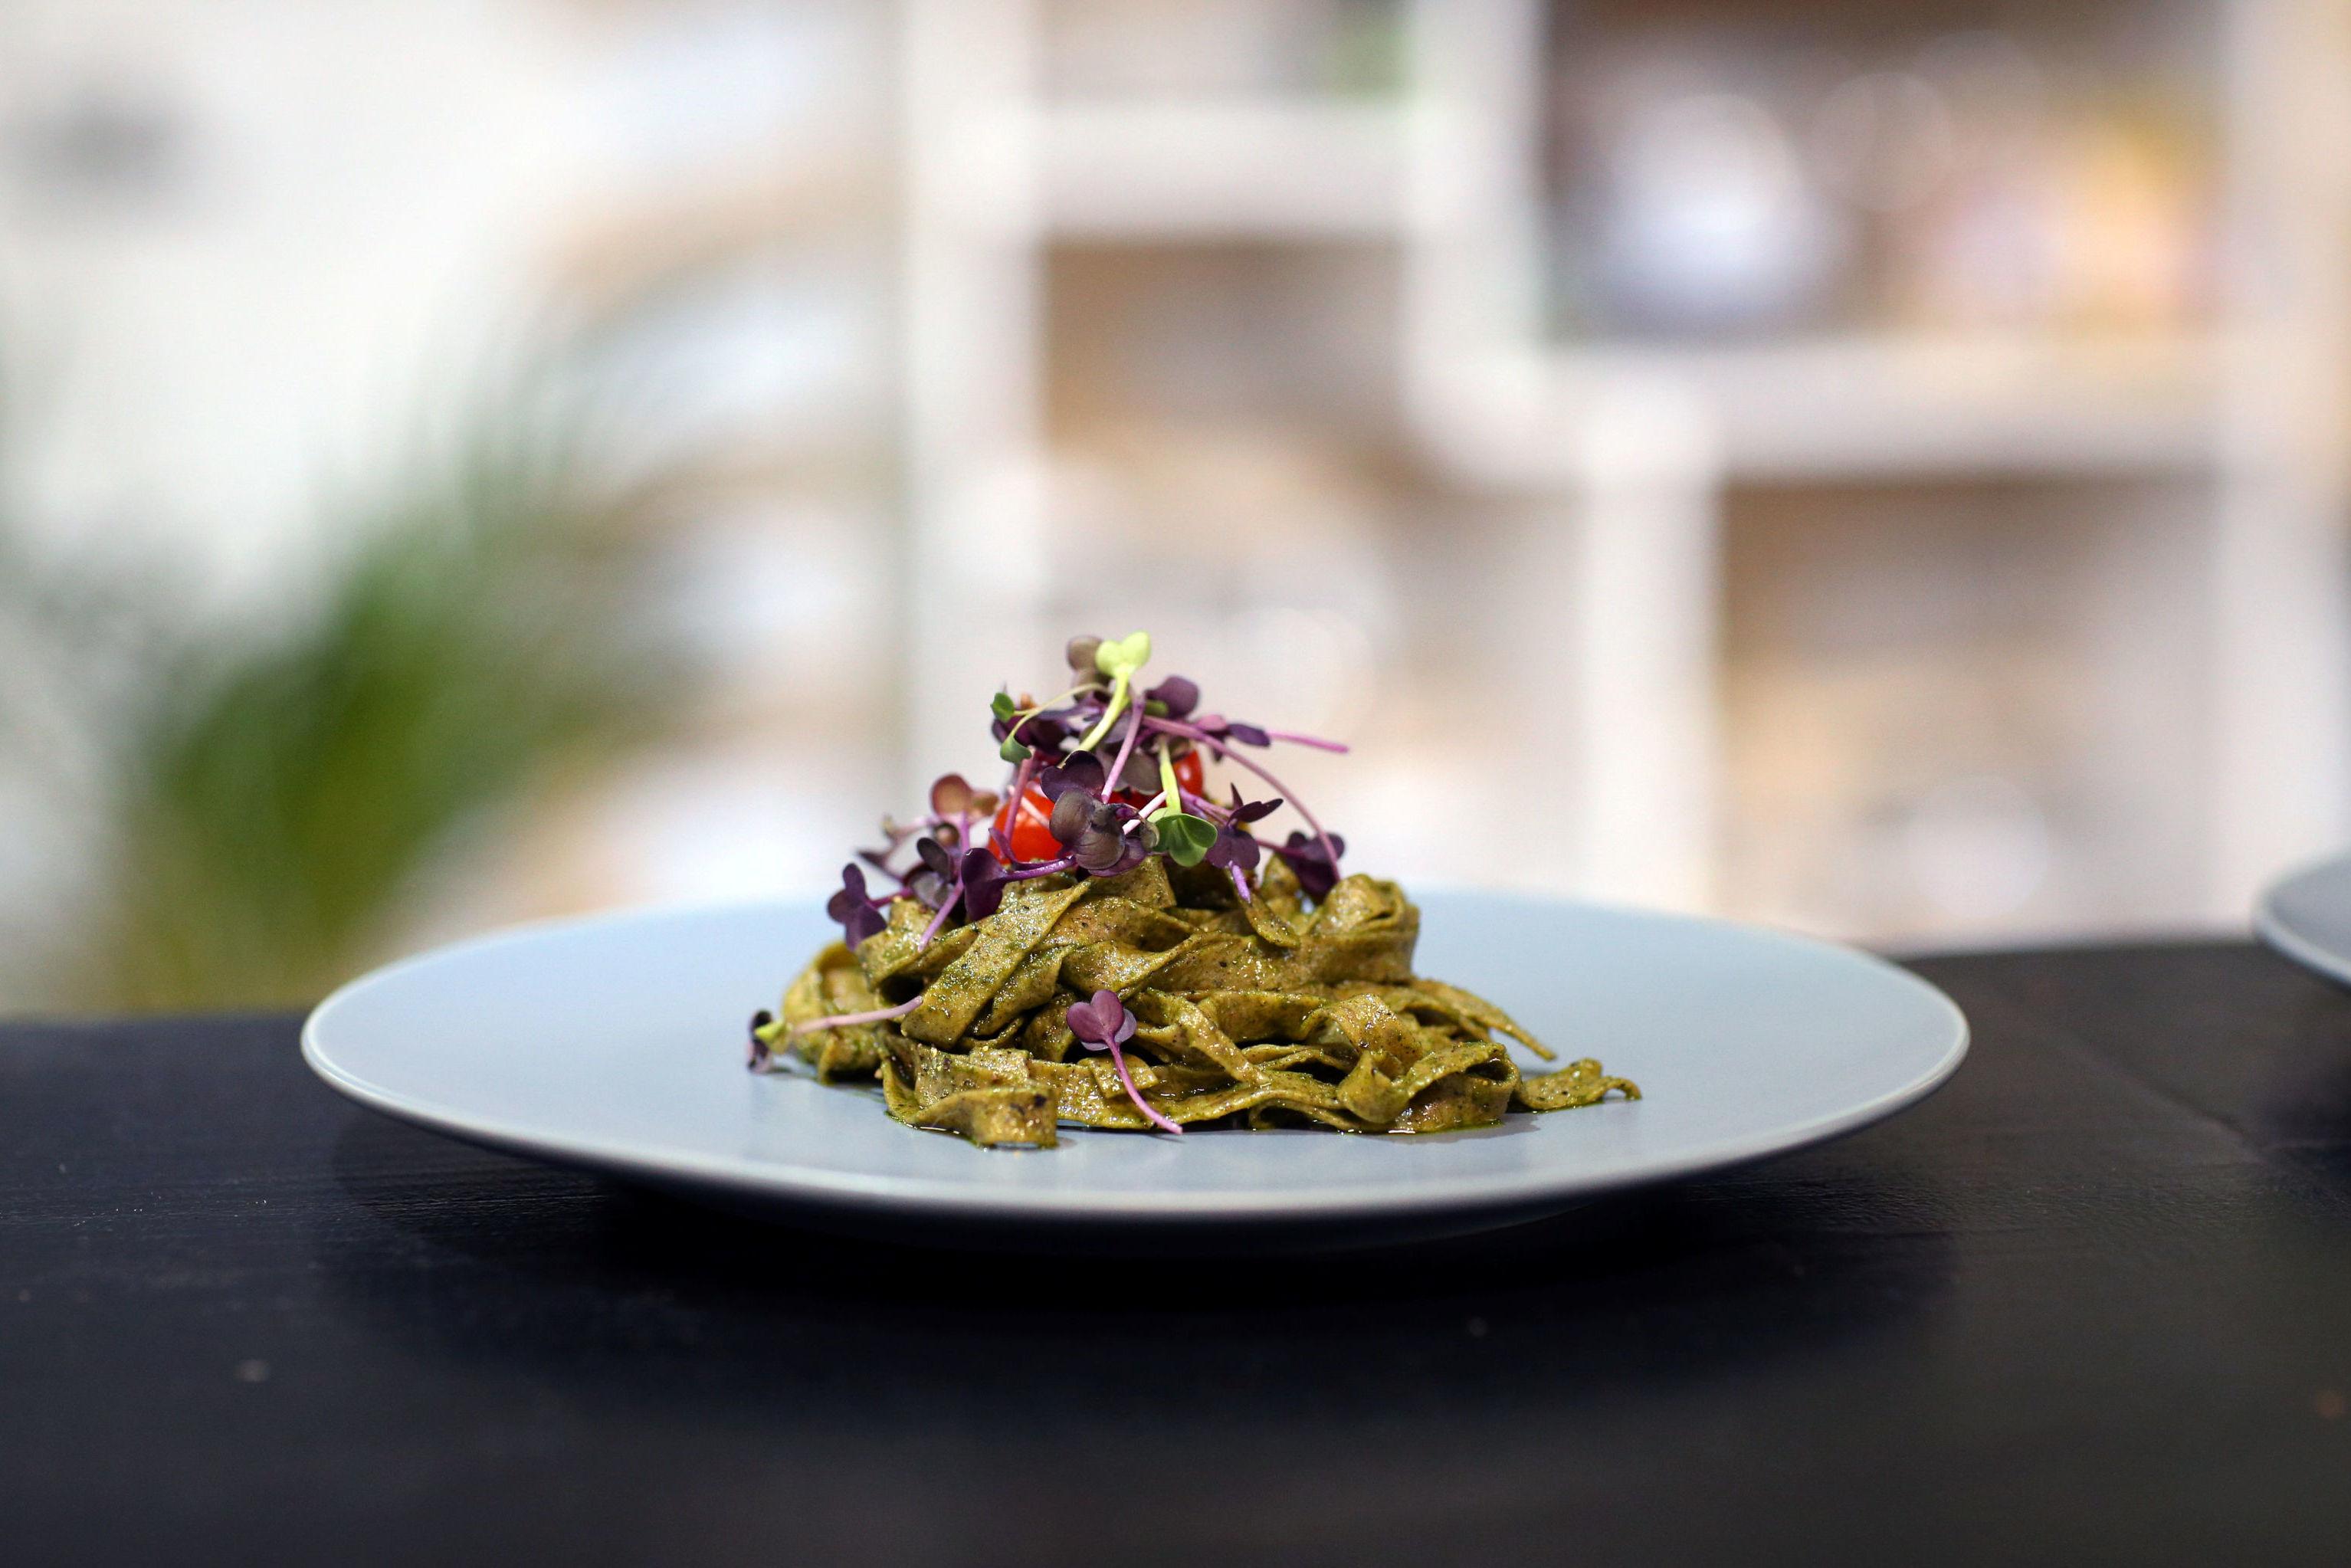 أحد الأطباق التي يتم تحضيرها بداخل أول مطعم للحشرات في جنوب أفريقيا